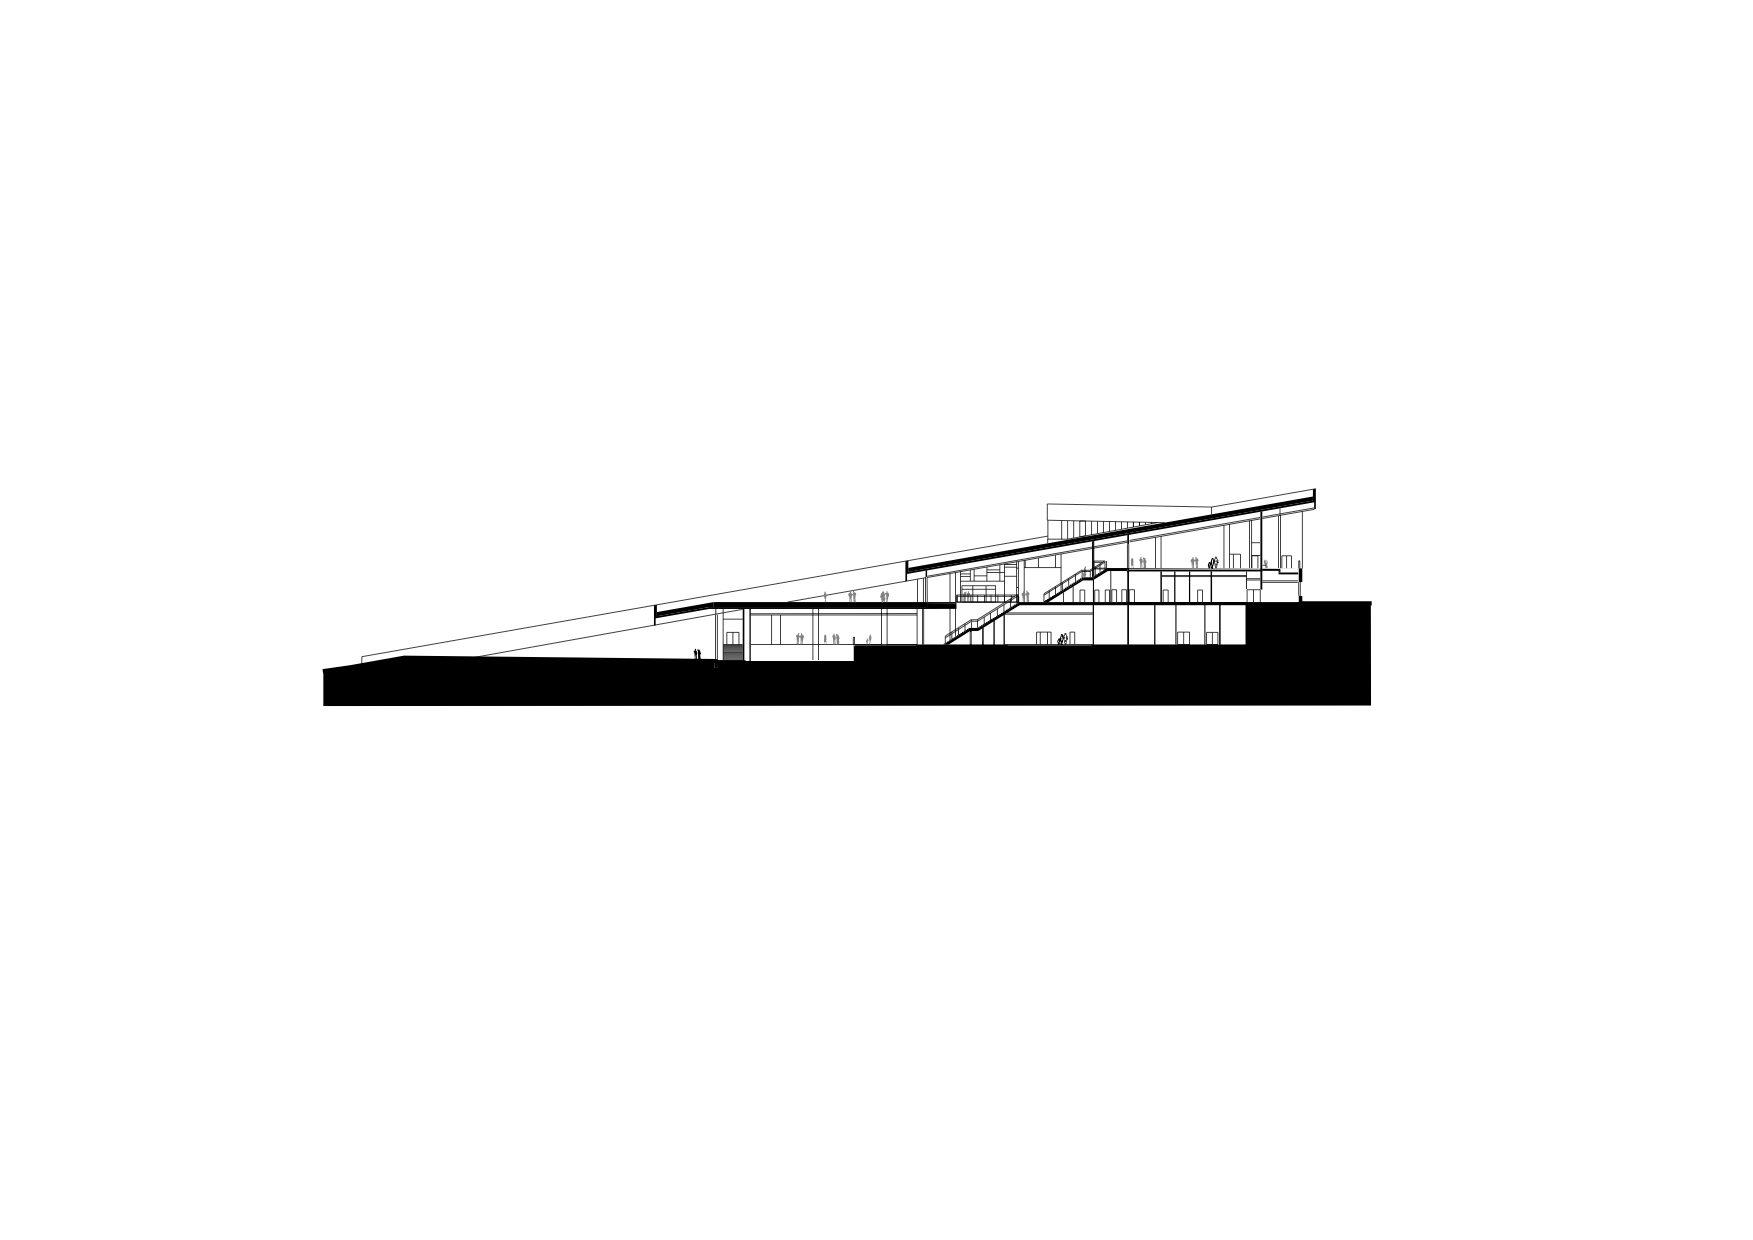 Schnitt. Hier wird deutlich, dass der Bau sich durch die Einbettung in den Hang einerseits zurücknimmt, andererseits aber ein Gebäude mit über 10 Meter Höhe ist und sich als markante Architektur mit 16.000 Quadratmeter Nutzfläche artikuliert.